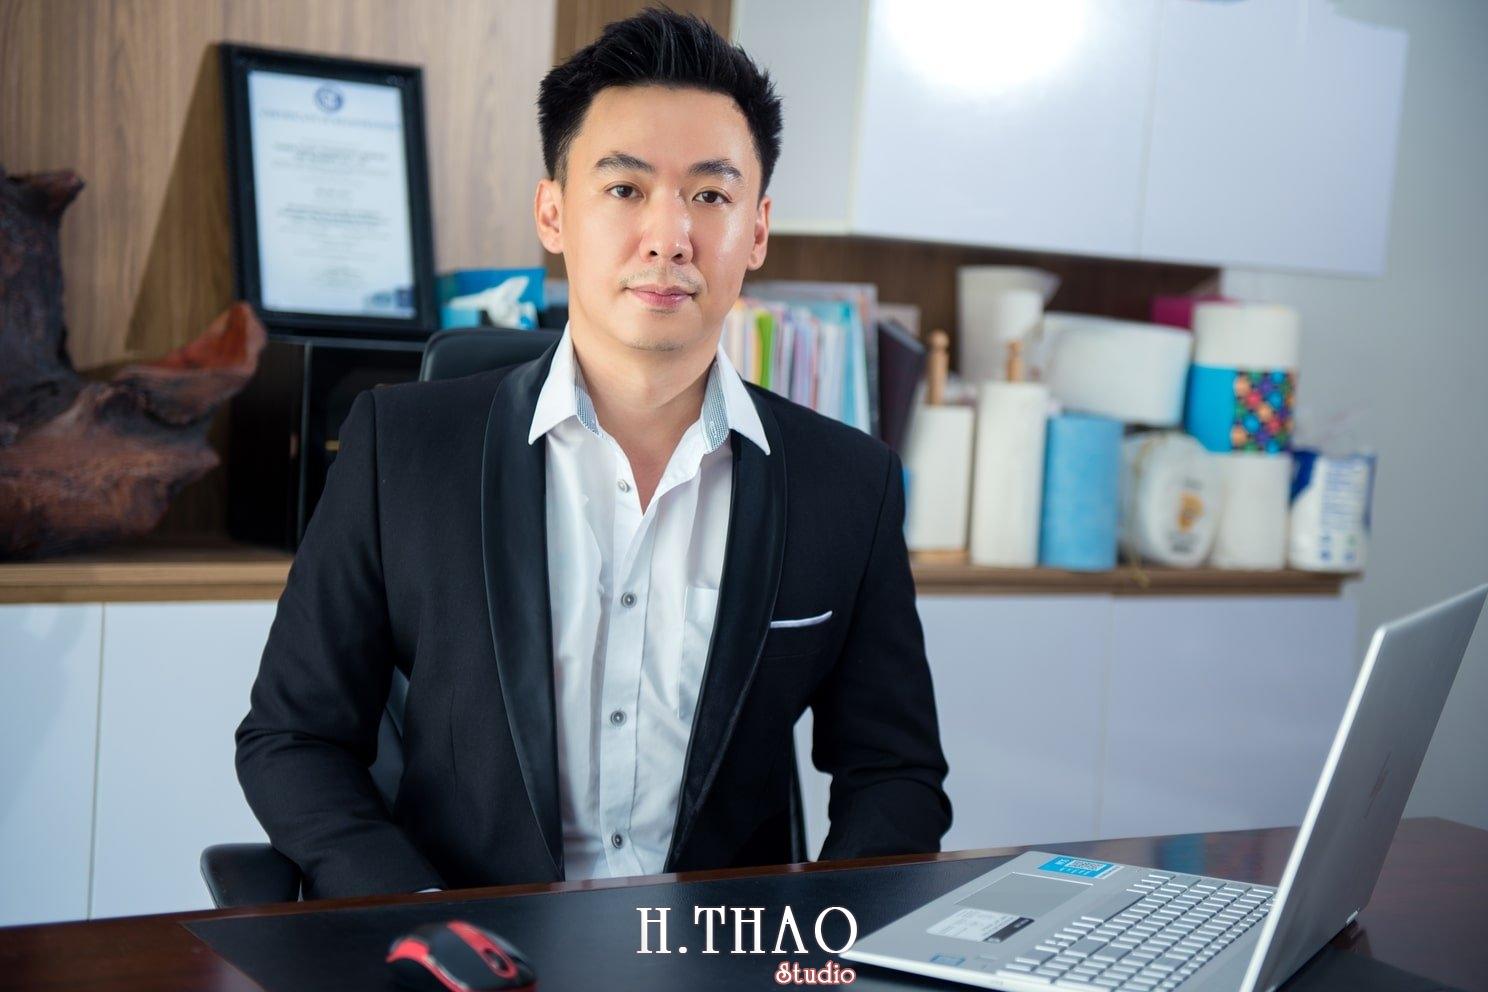 Ricky 2 - Bộ ảnh giám đốc Ricky lịch lãm phong cách - HThao Studio